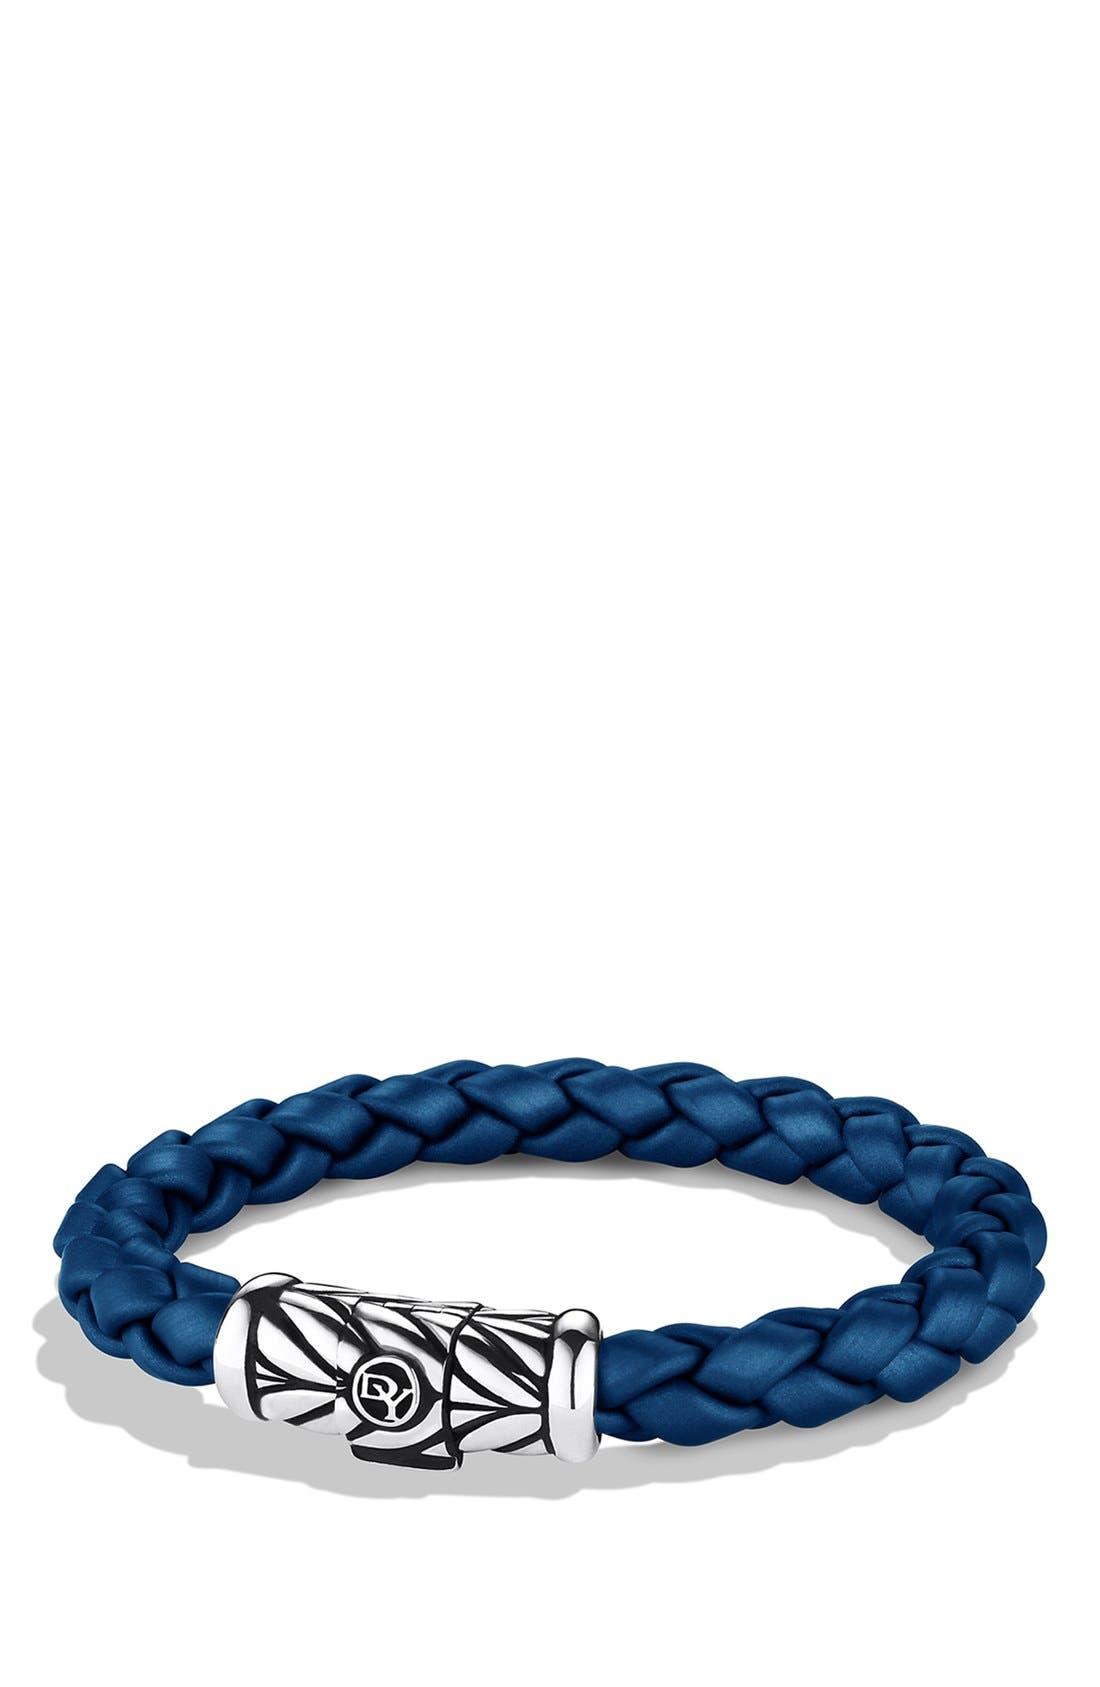 'Chevron' Bracelet,                             Main thumbnail 1, color,                             BLUE